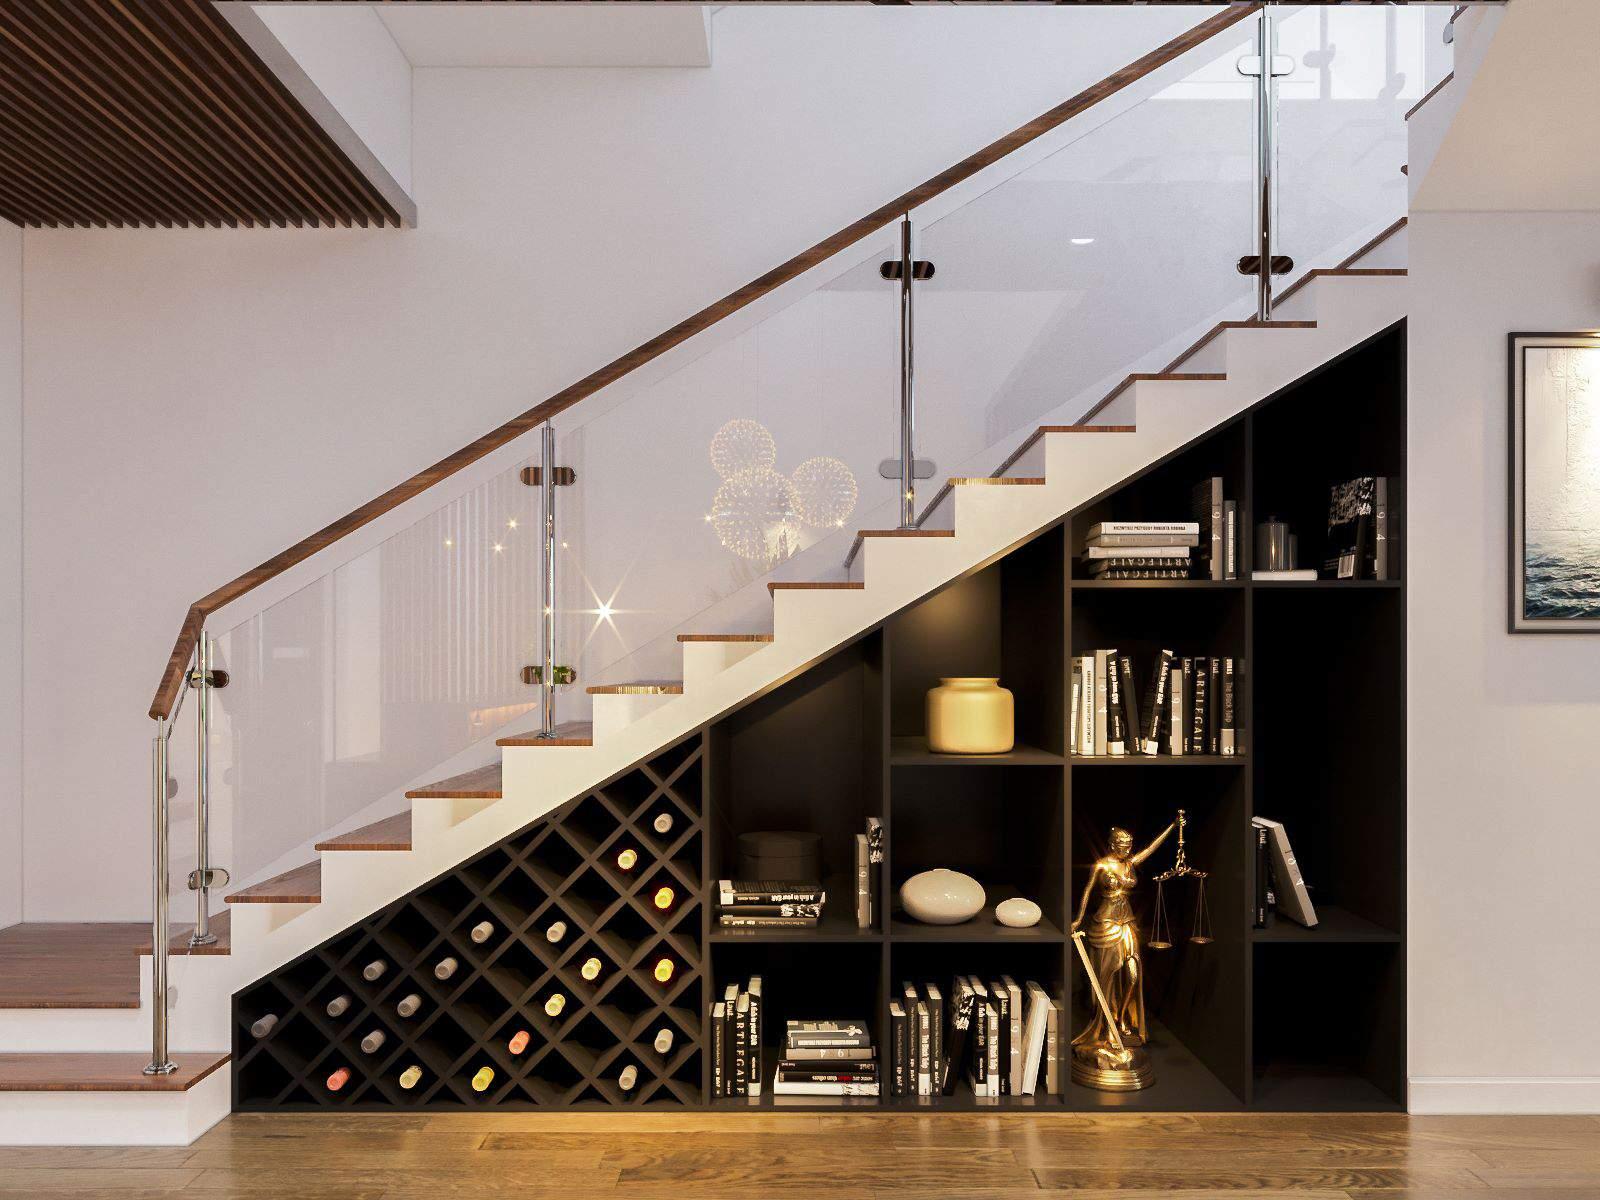 Cách bố trí cầu thang nhà ống giúp tiết kiệm diện tích